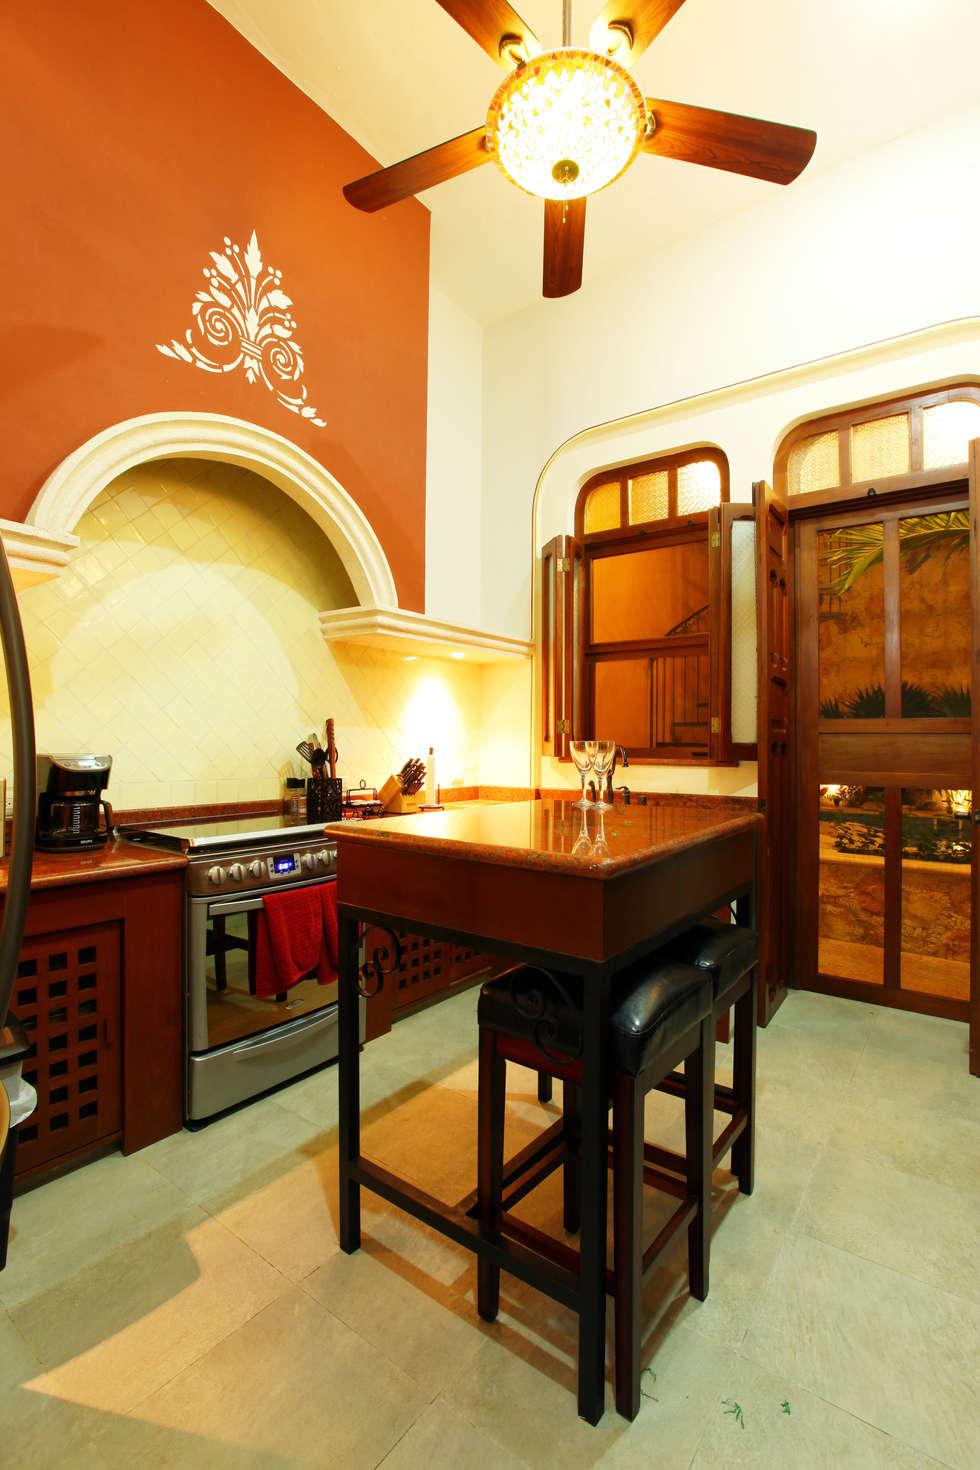 Cocina: Cocinas de estilo colonial por Arturo Campos Arquitectos